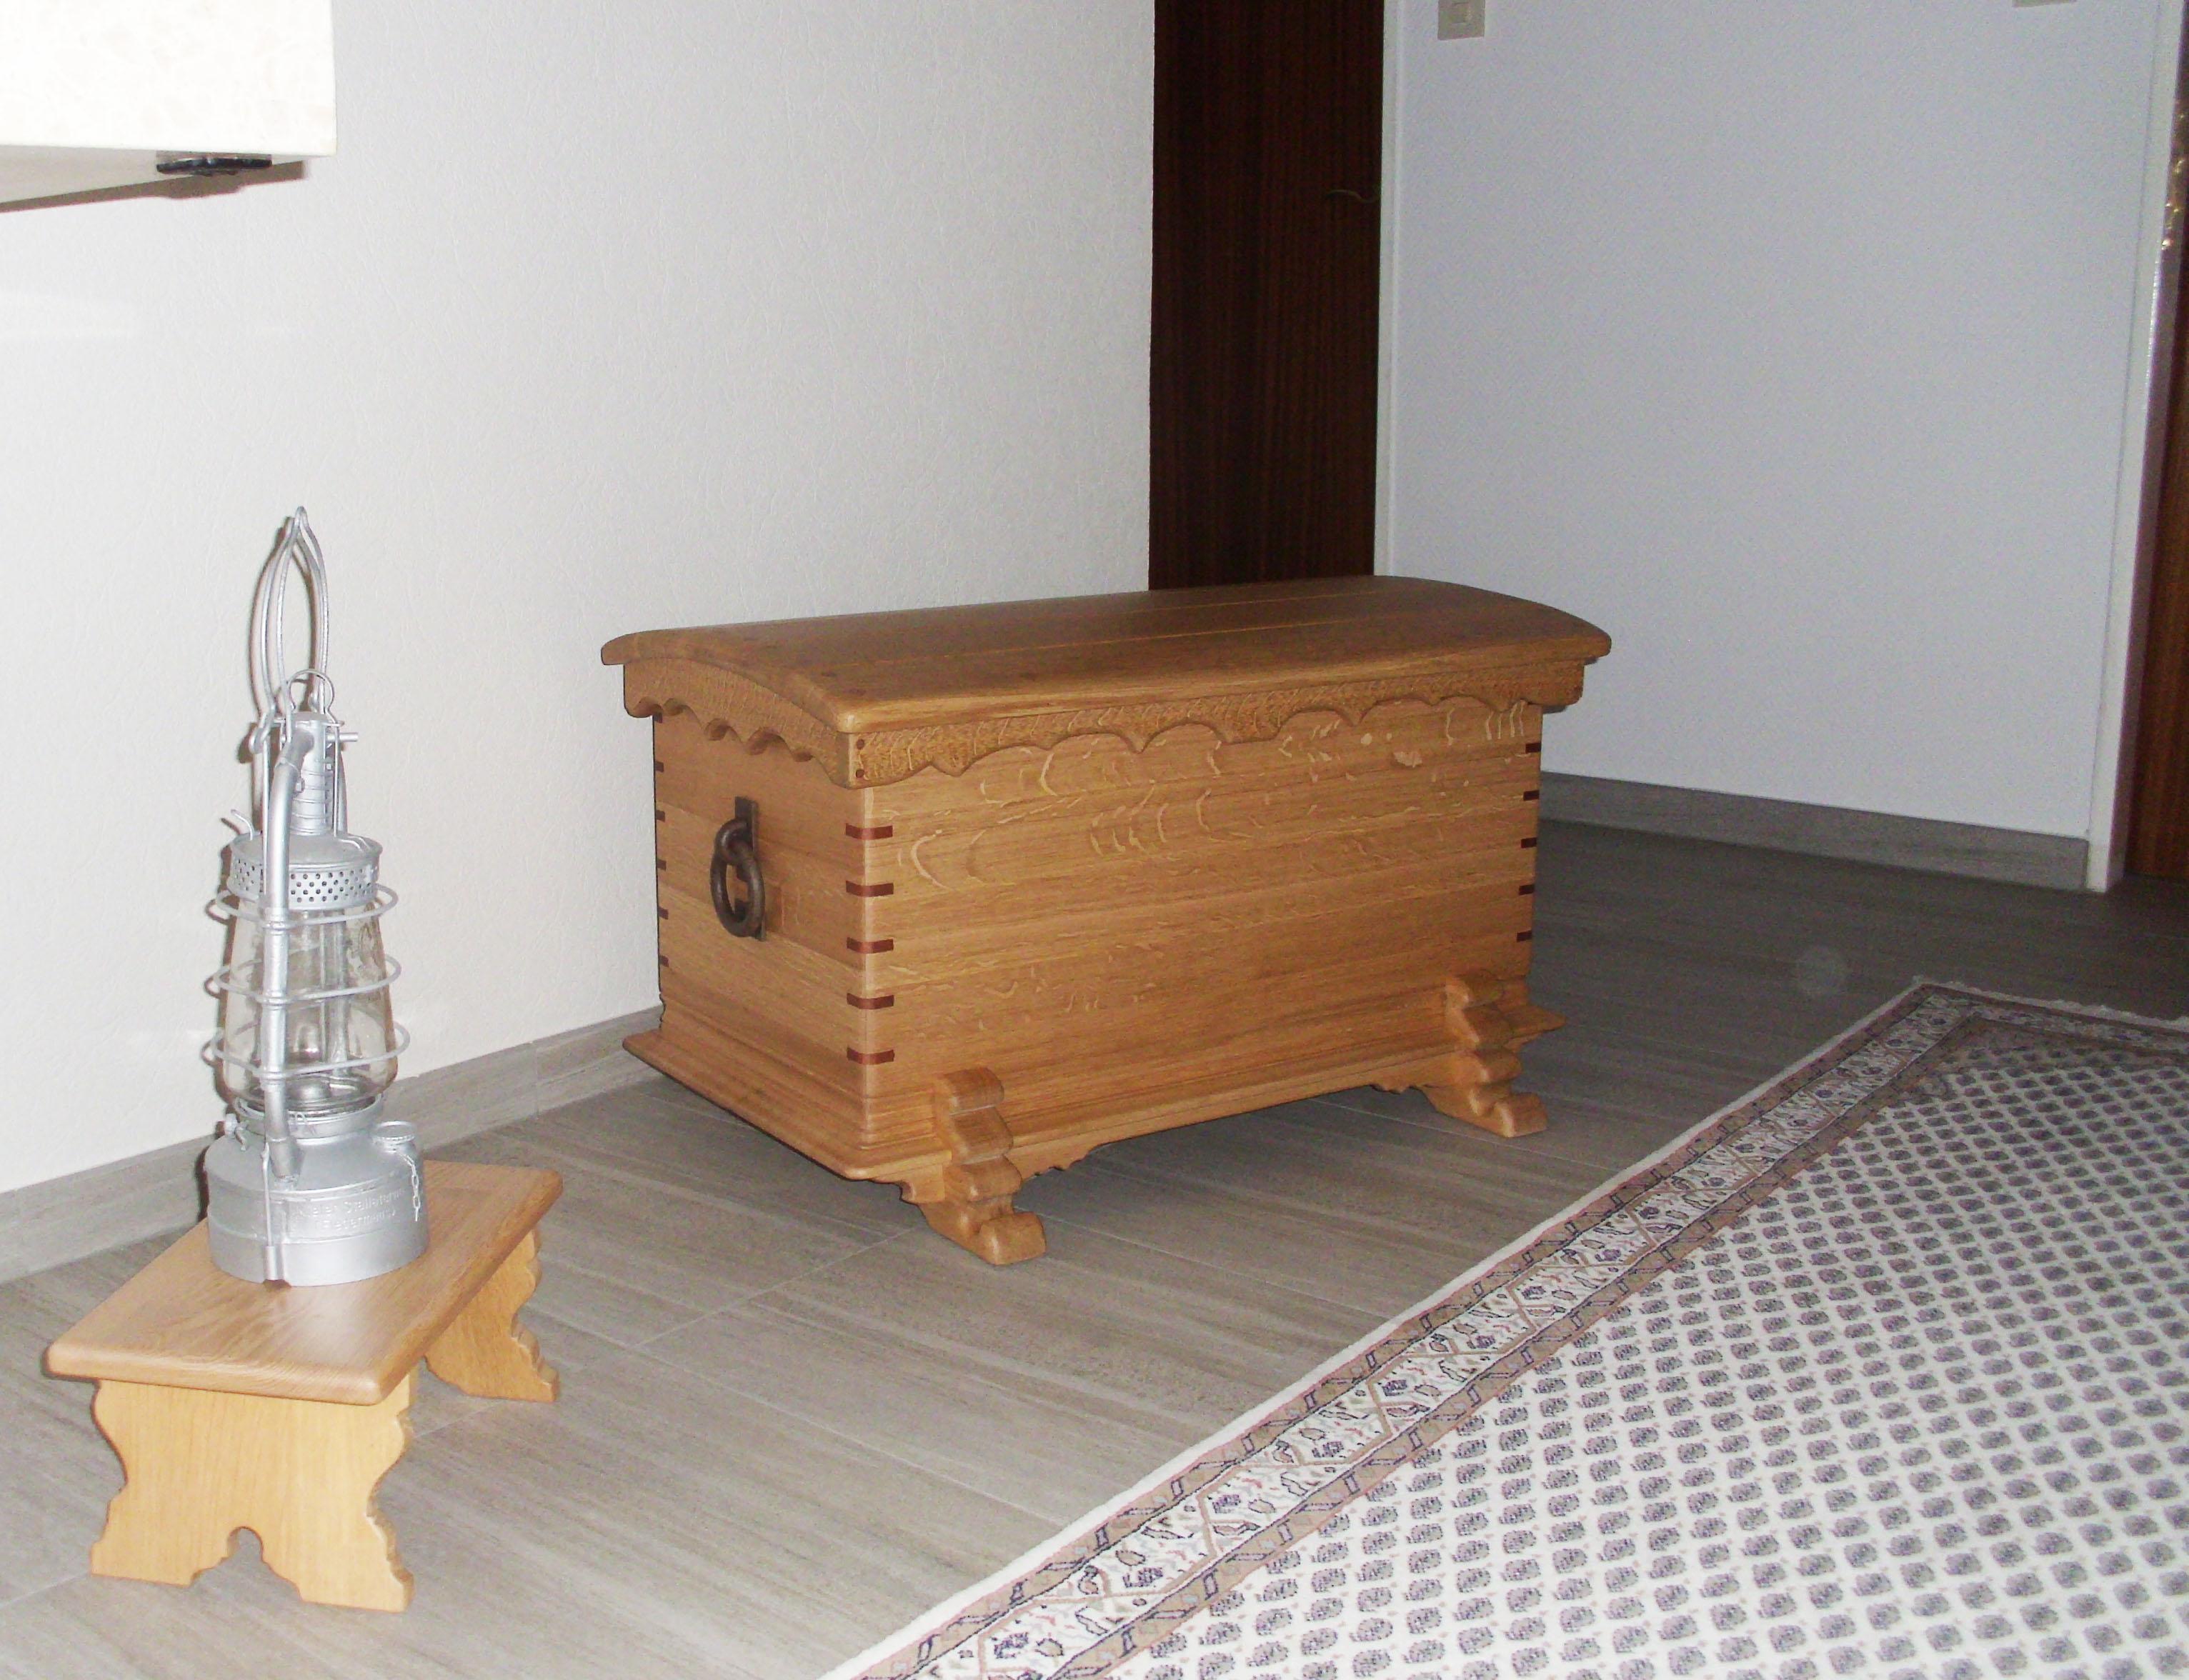 Landhausmöbel - Möbelwerkstatt Lorenz